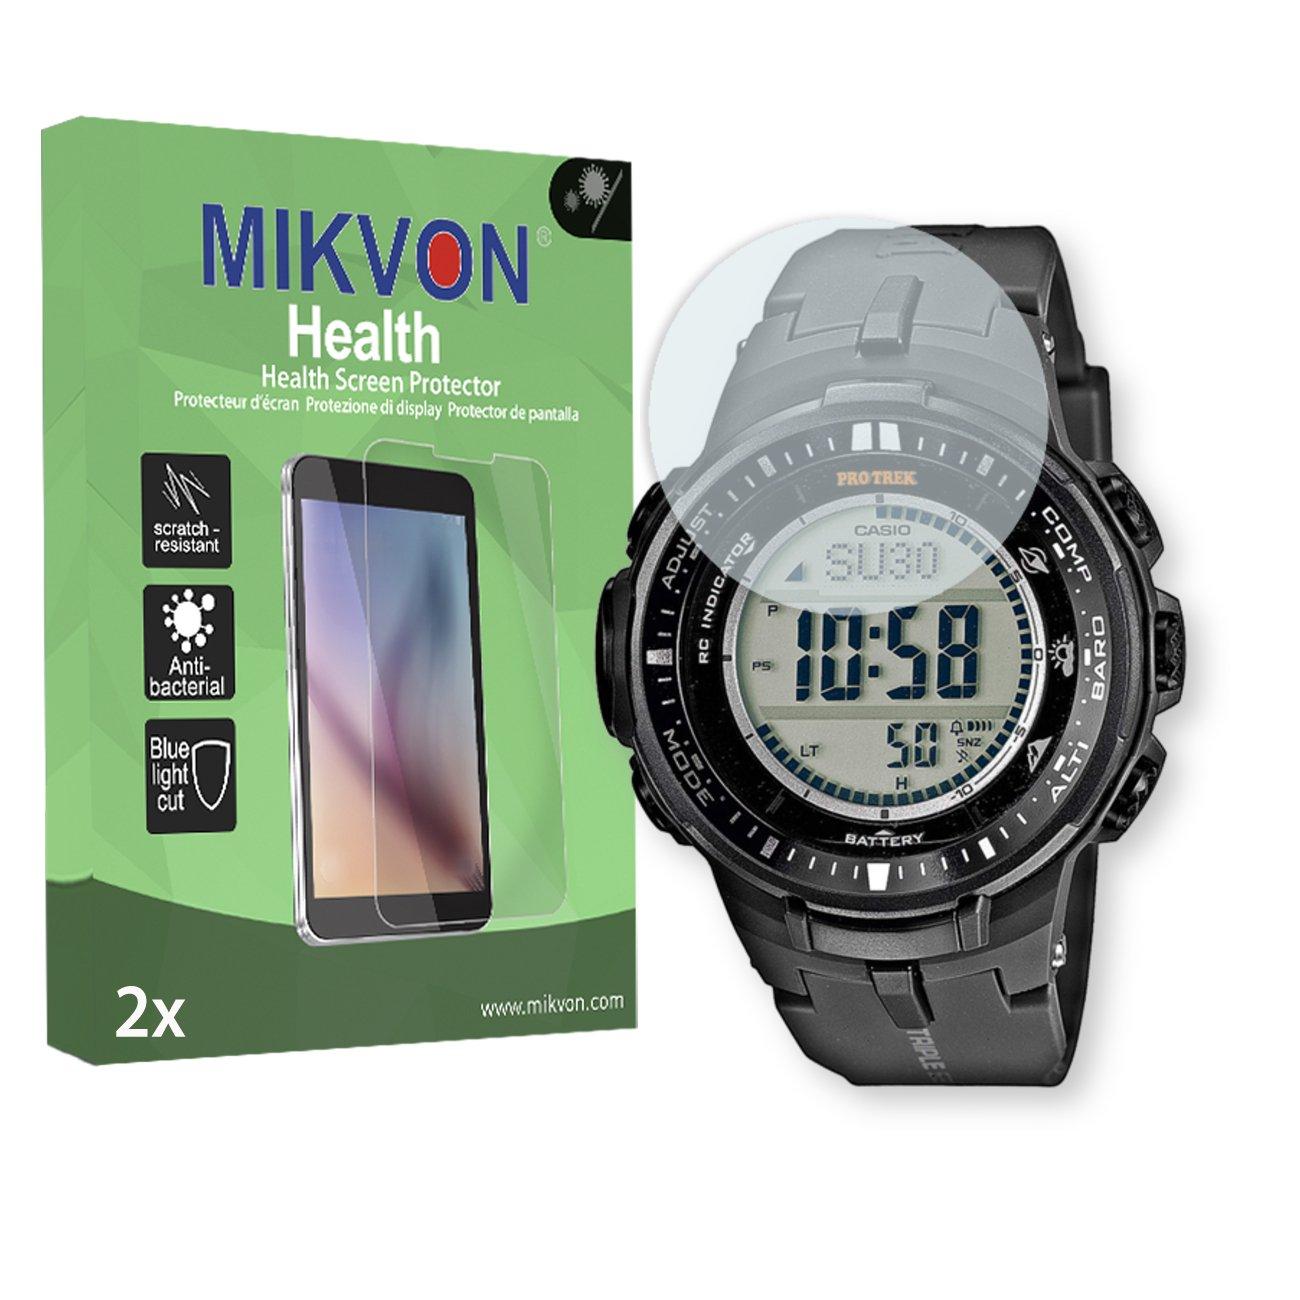 MIKVON 2 x Salud Protector de Pantalla para Garmin Casio ...